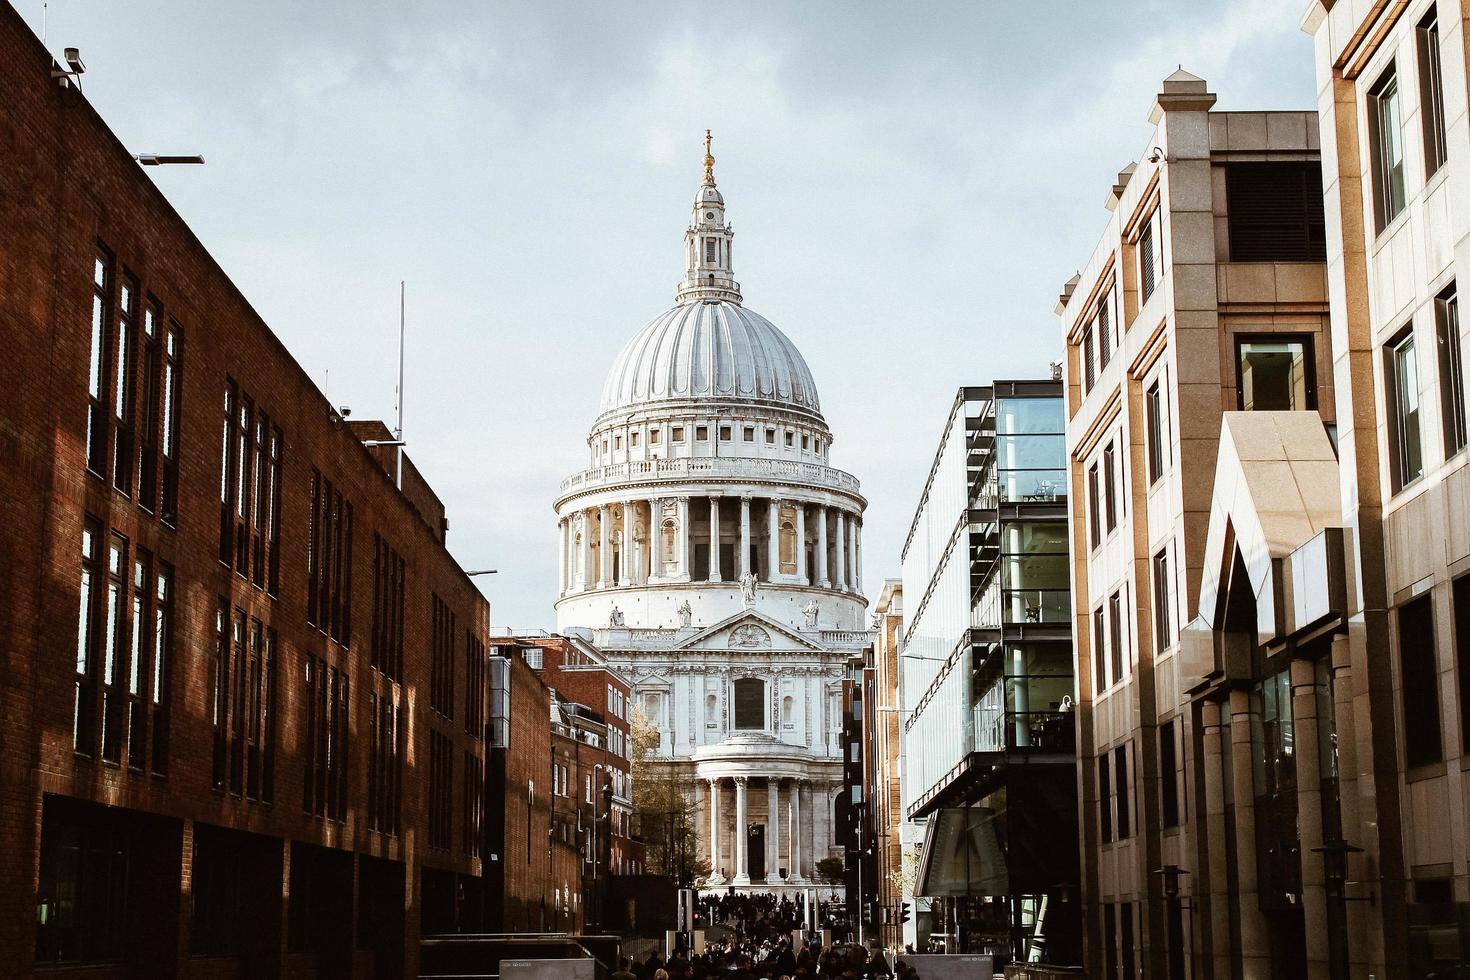 Londres, Royaume-Uni, 2020 - vue de st. la cathédrale de Paul pendant la journée photo